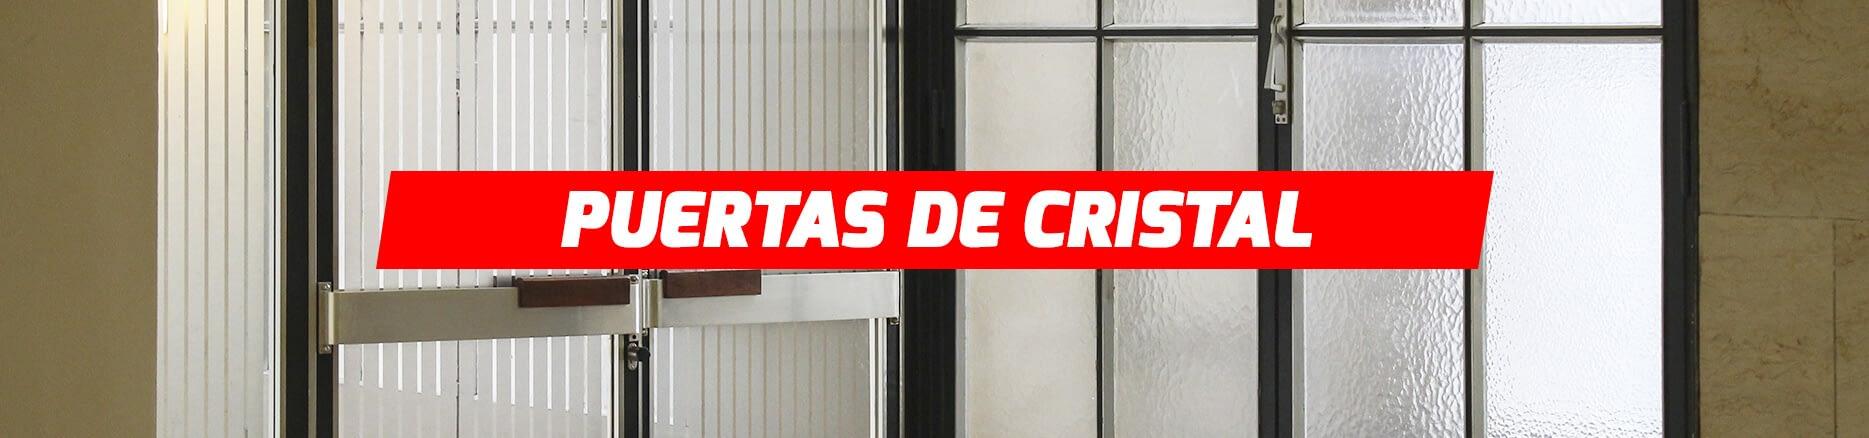 ACH-Puertas de Cristal